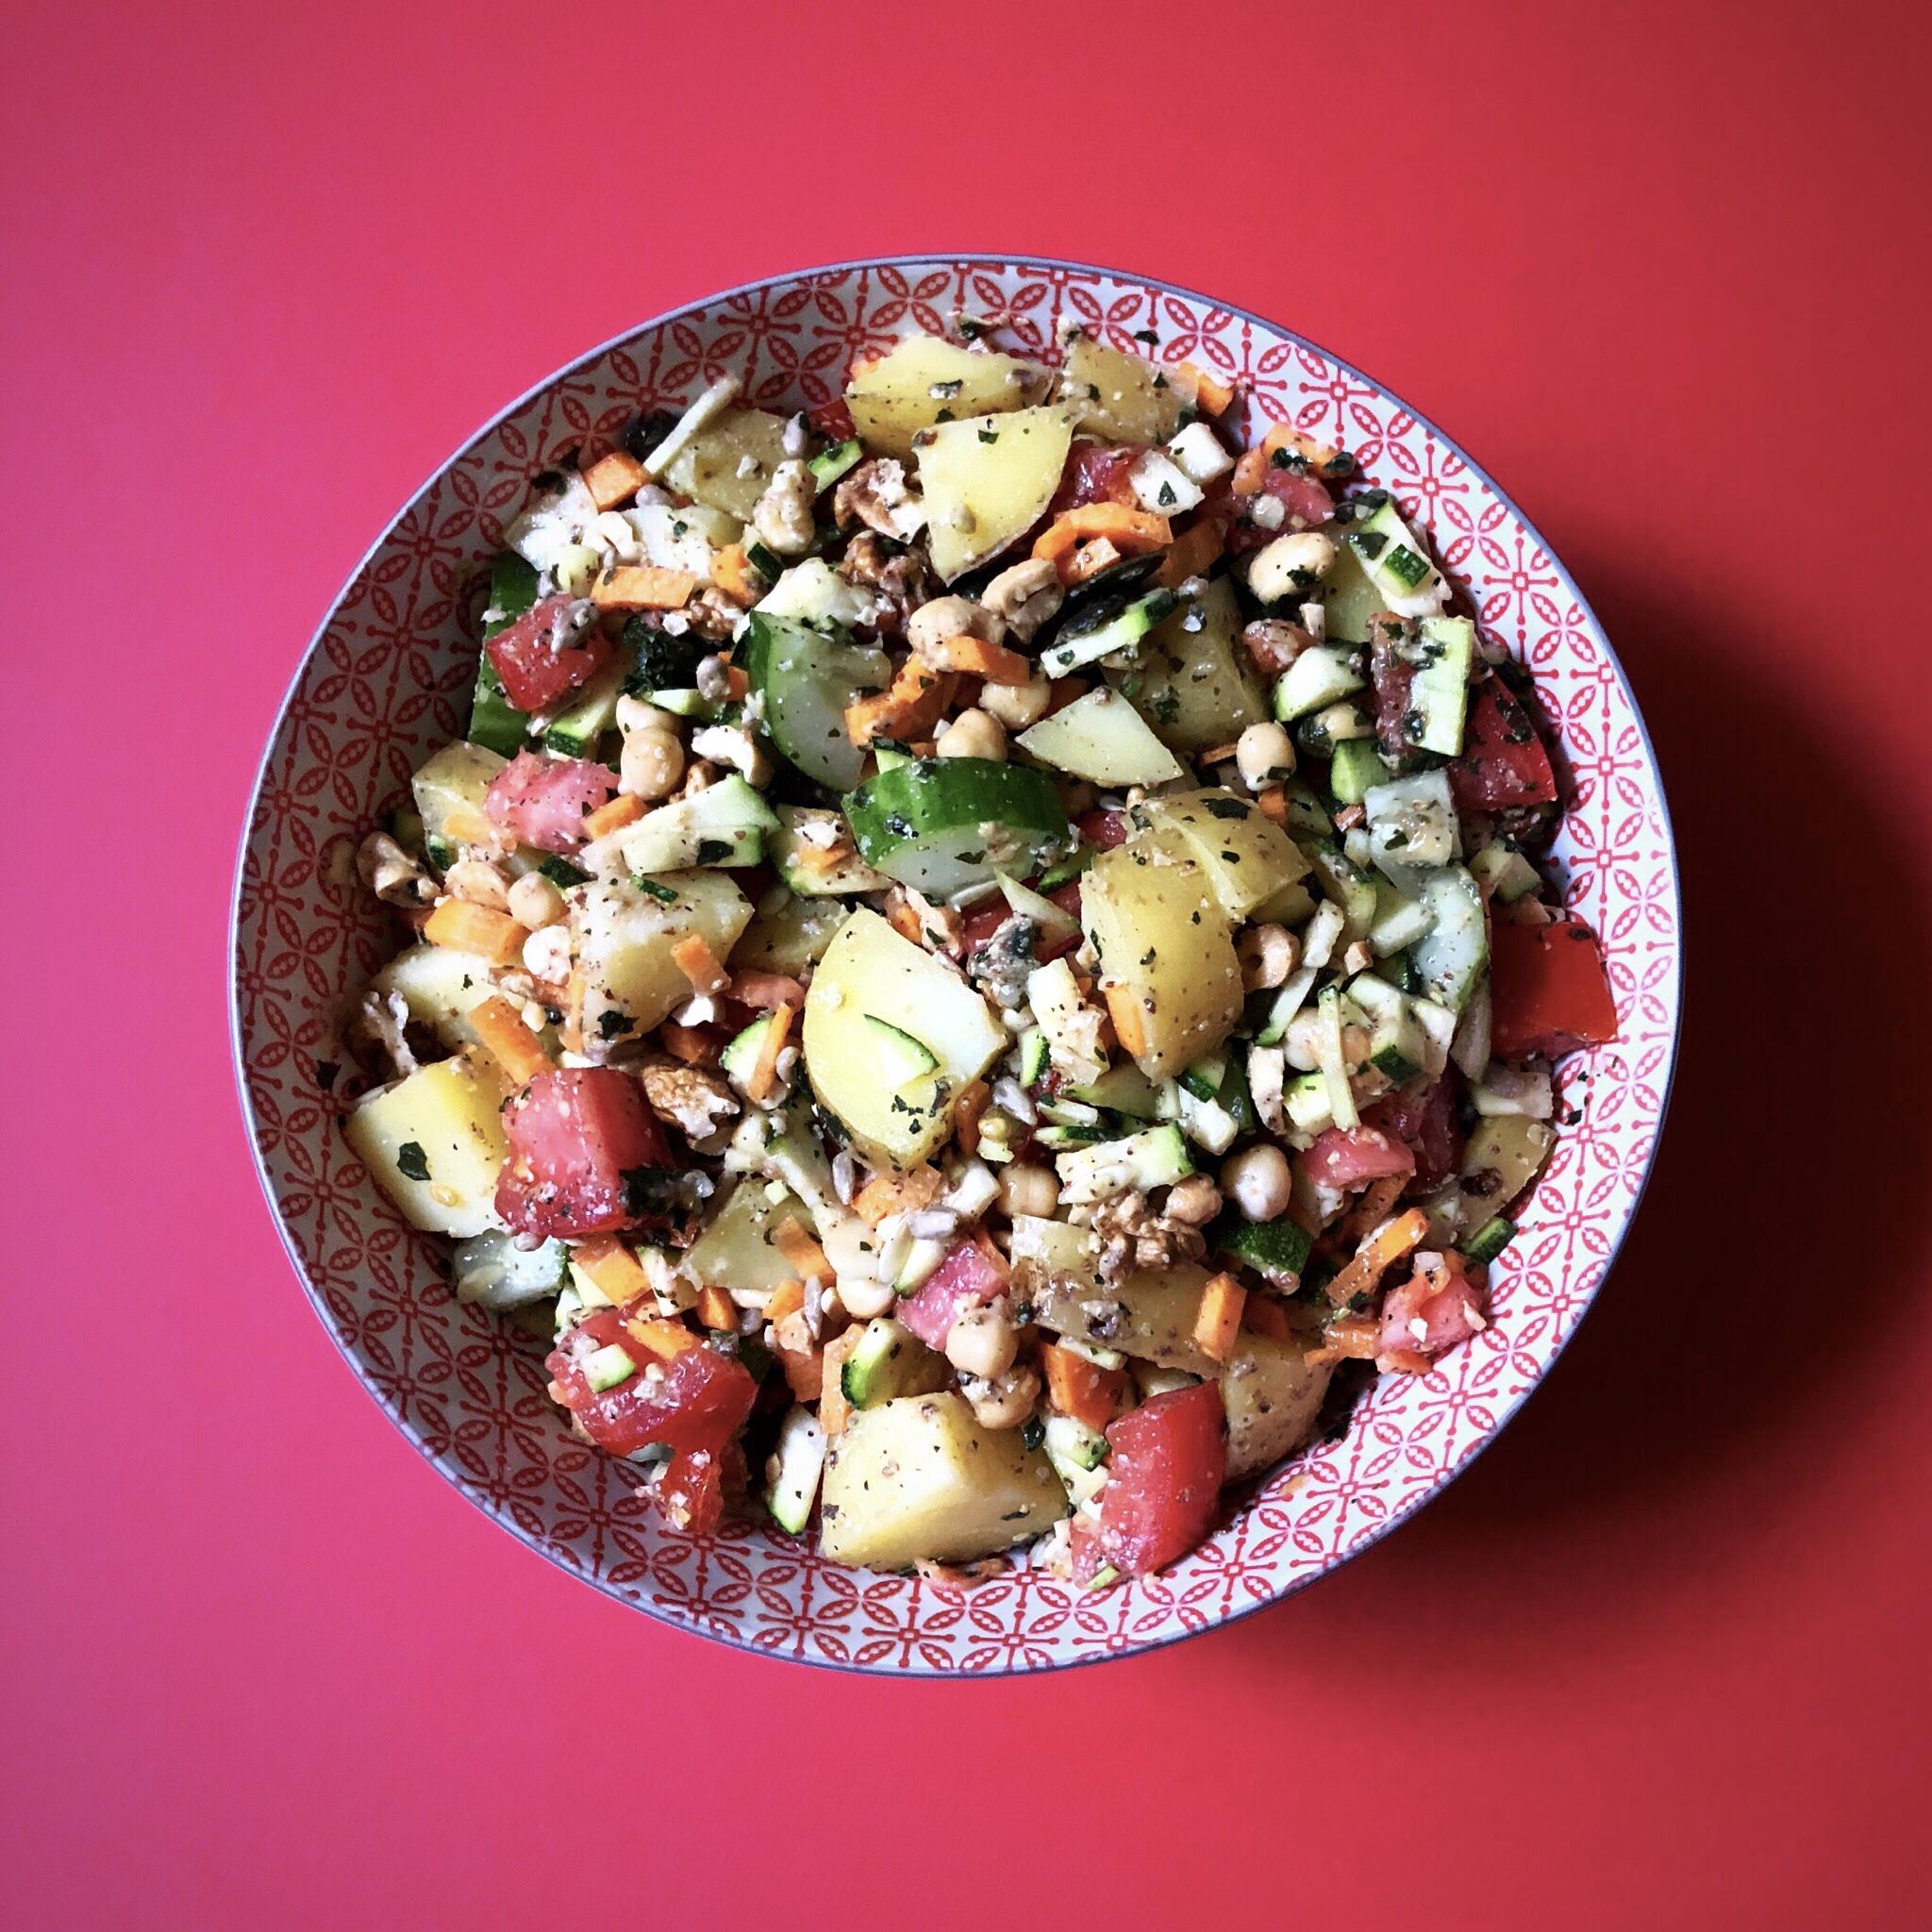 492D7D01 A927 4D76 B90C 0BCFAC2BA0EA - La petite salade d'été pour une grosse faim